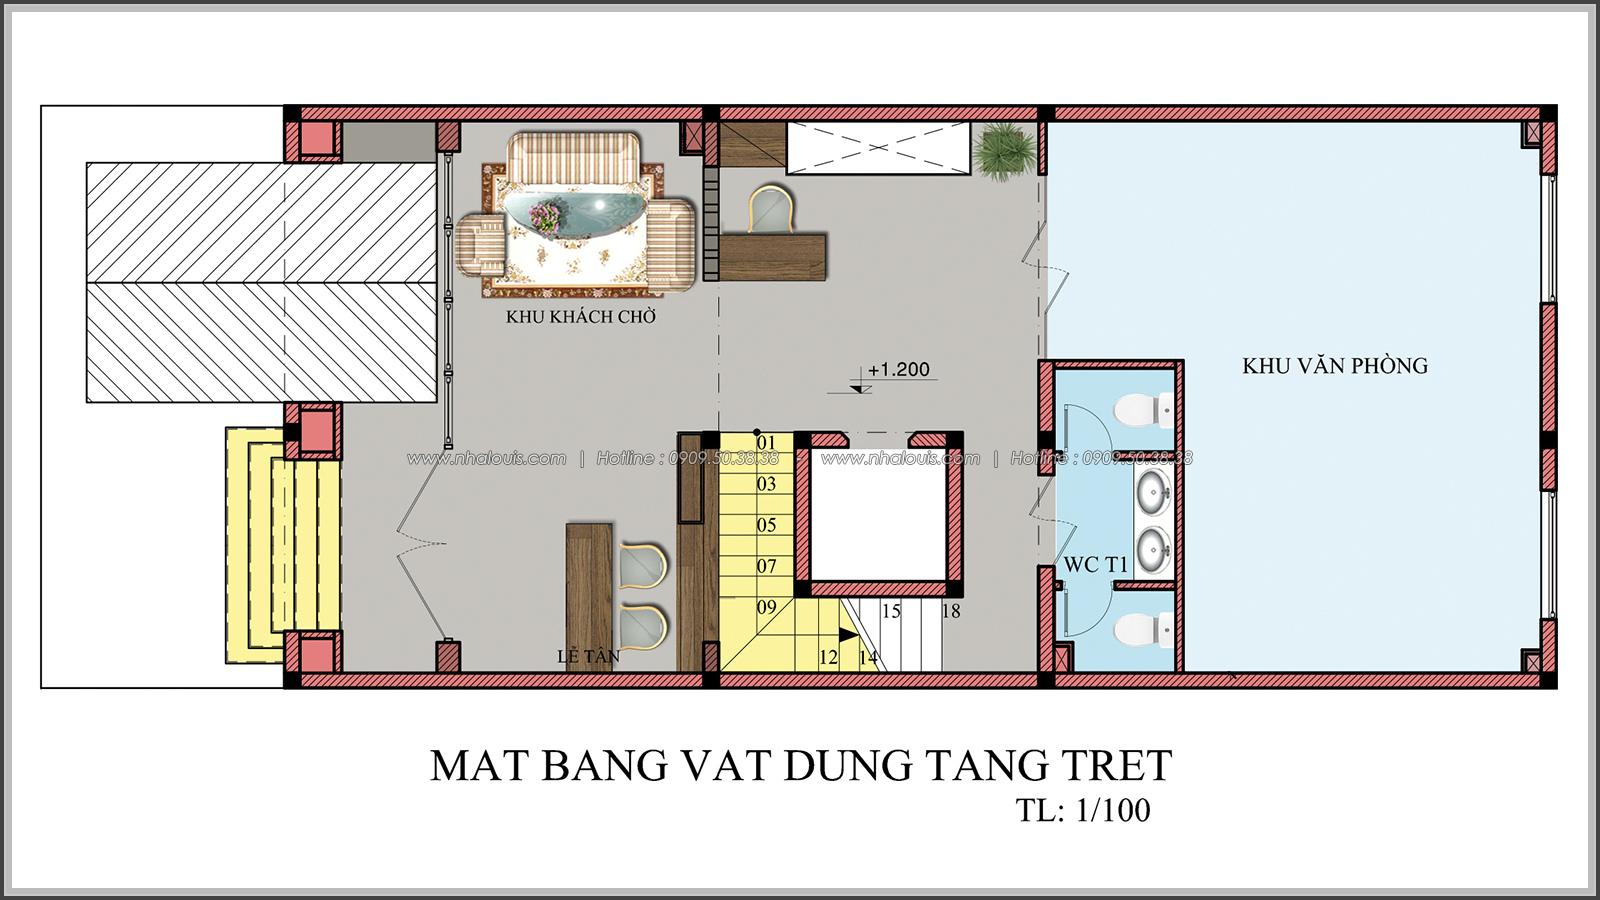 Đẳng cấp thiết kế penthouse với nội thất cực chất anh Kim quận Tân Bình - 4